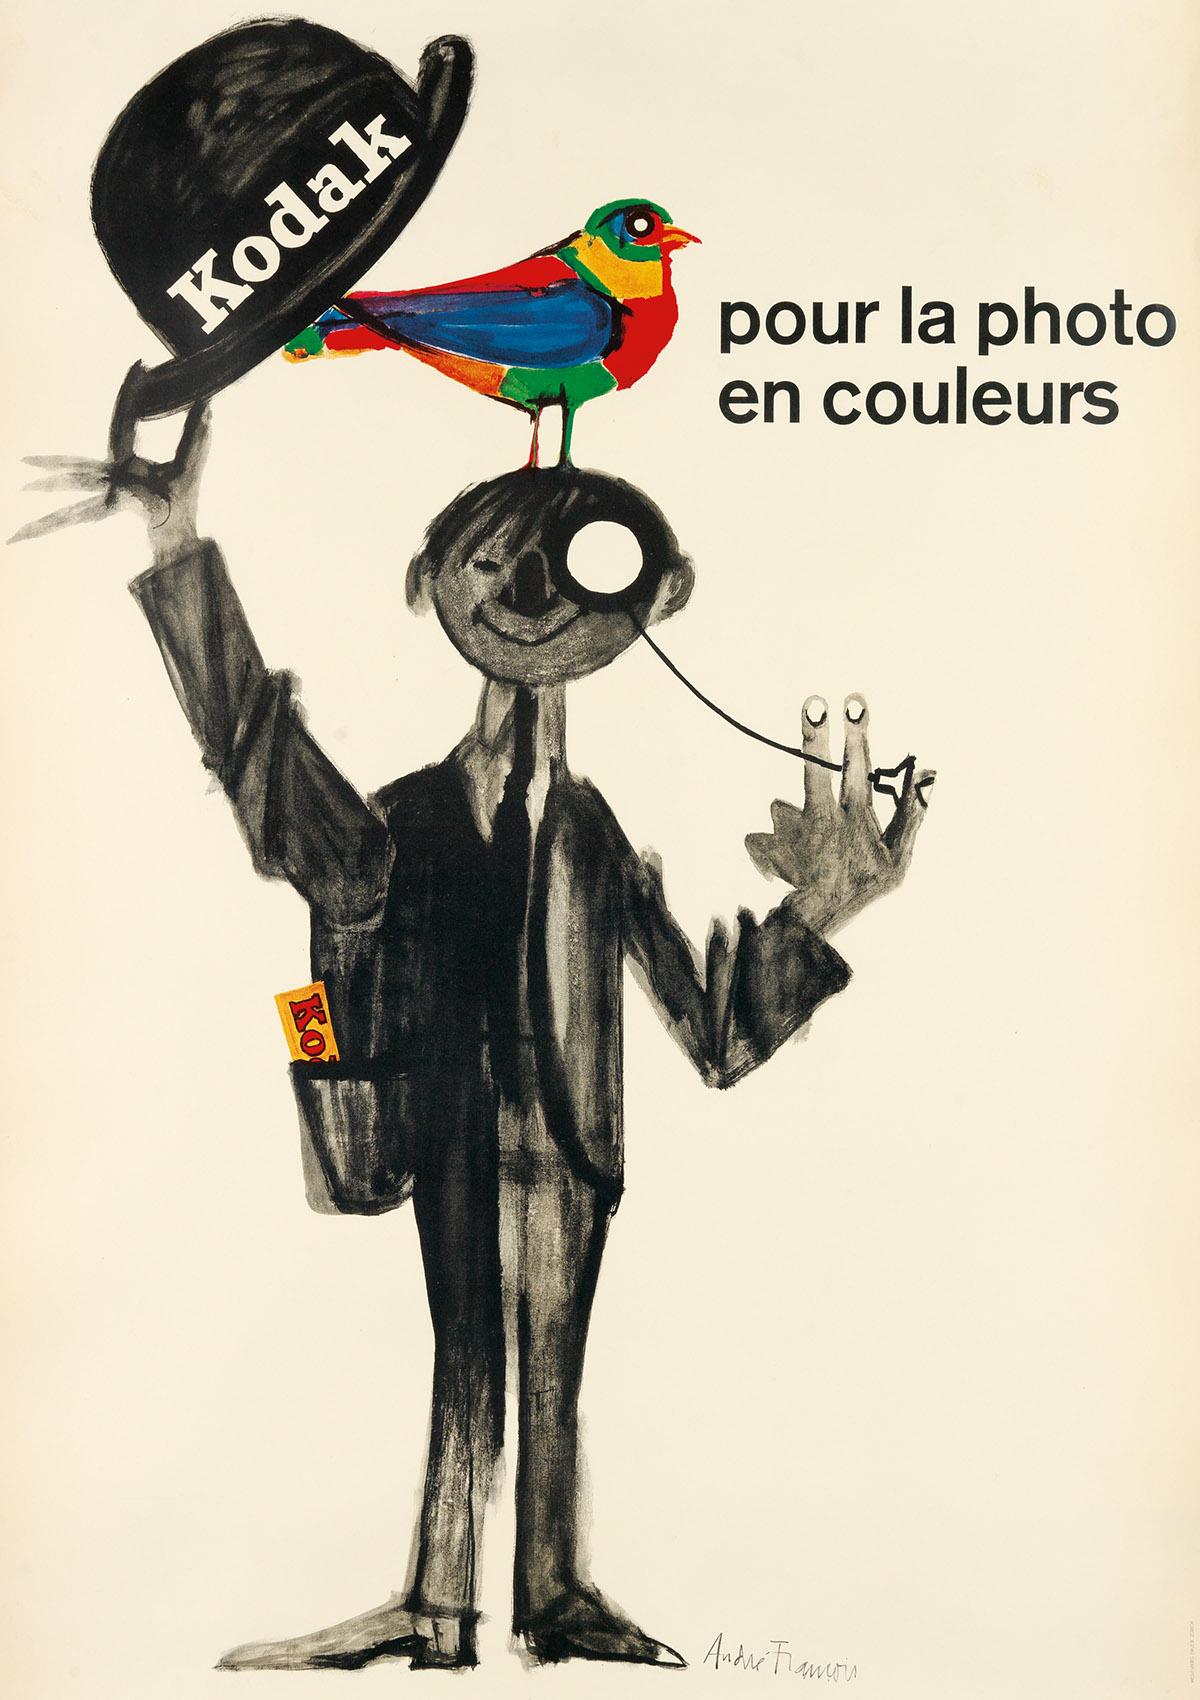 ANDRÉ-FRANÇOIS-(1915-2005)-KODAK--POUR-LA-PHOTO-EN-COULEURS-